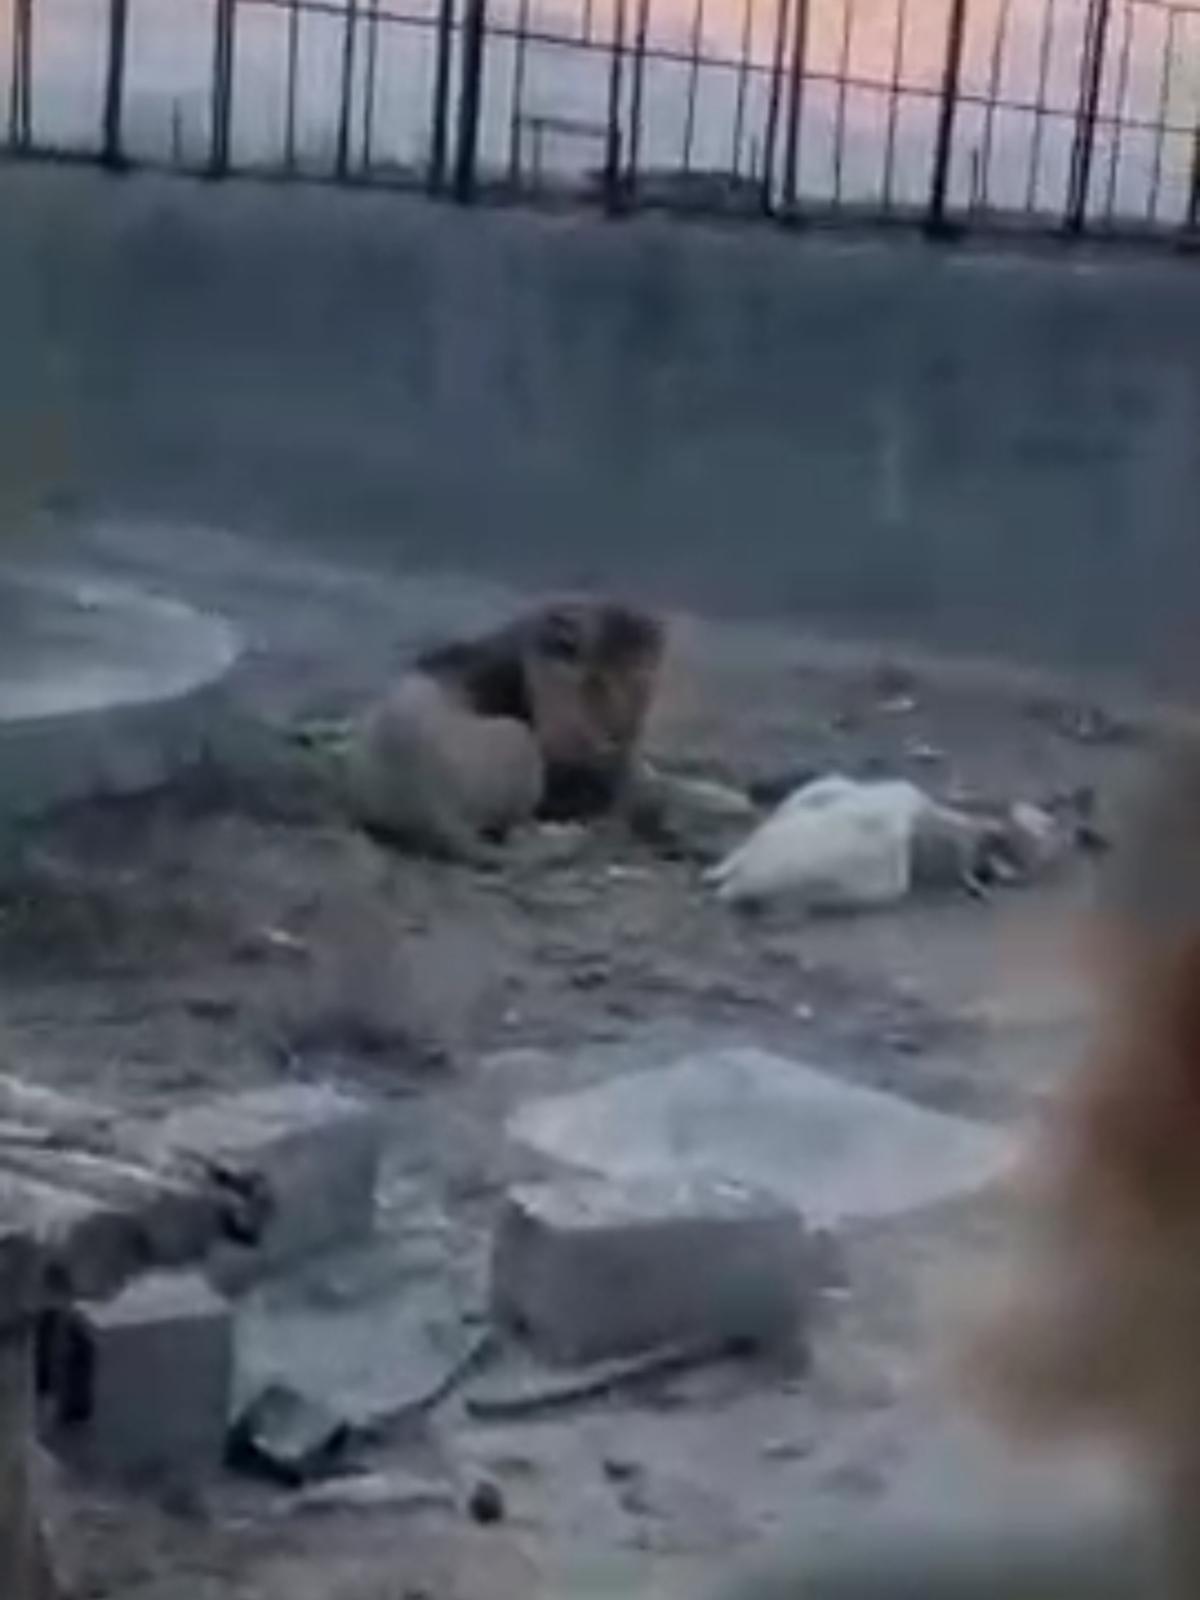 وضعیت سلطان جنگل در باغ وحش ارومیه! + ویدئو